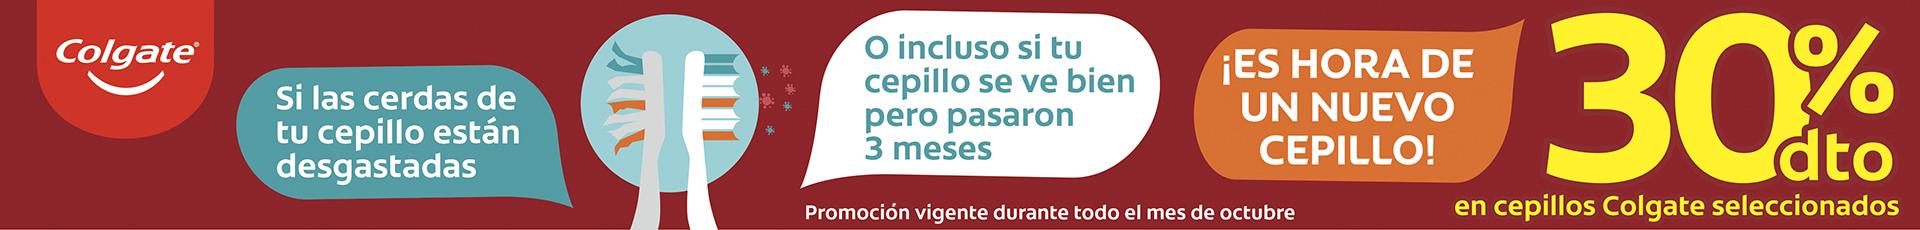 colgate?utm_source=Instagram&utm_medium=banner&utm_campaign=cambia%20tu%20cepillo